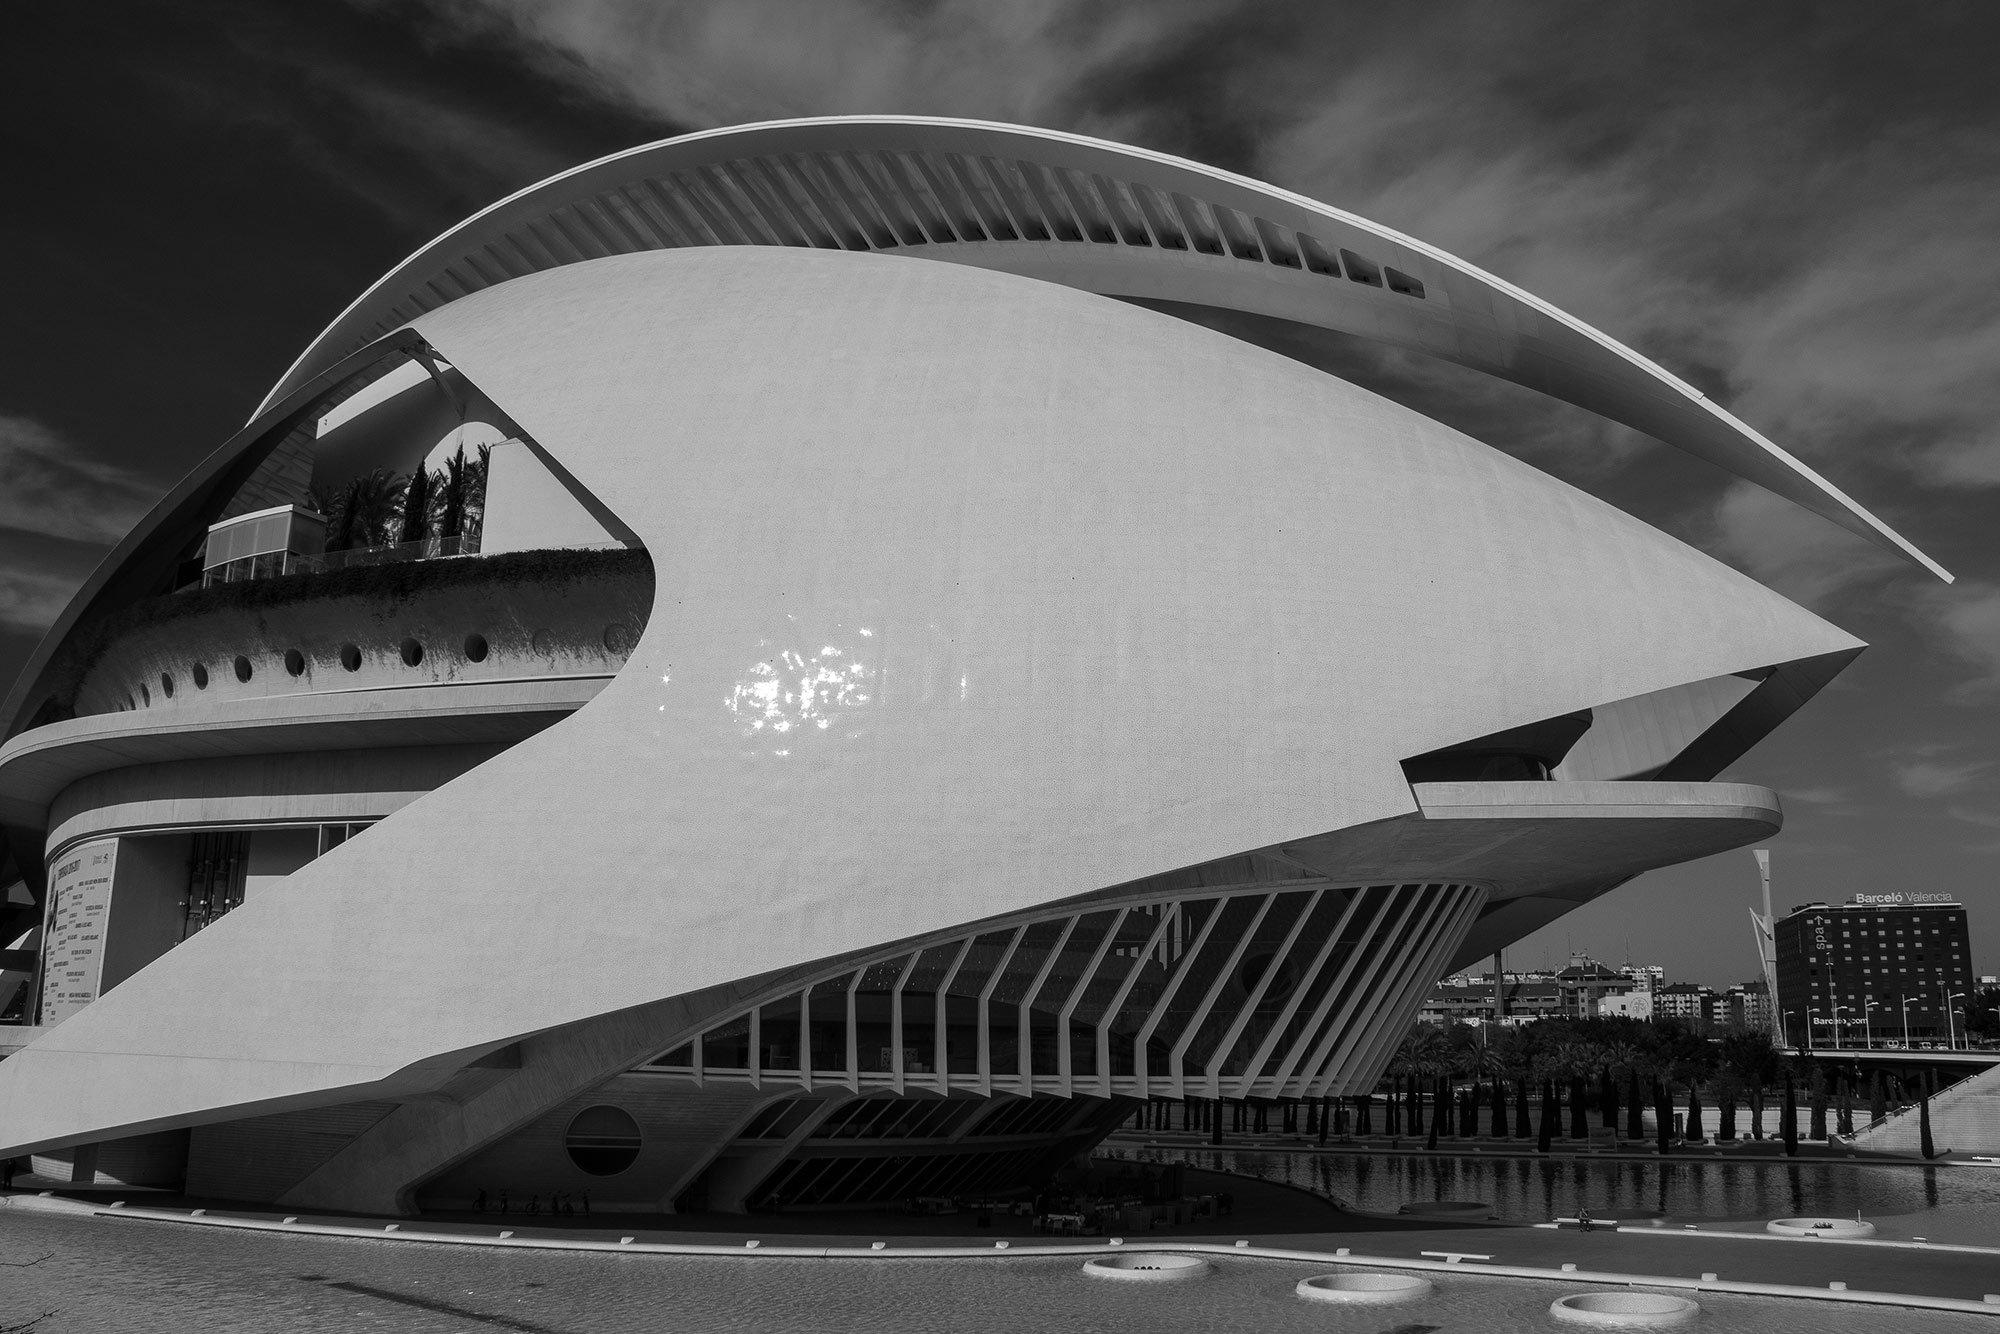 Spaceship - Valencia, Spain